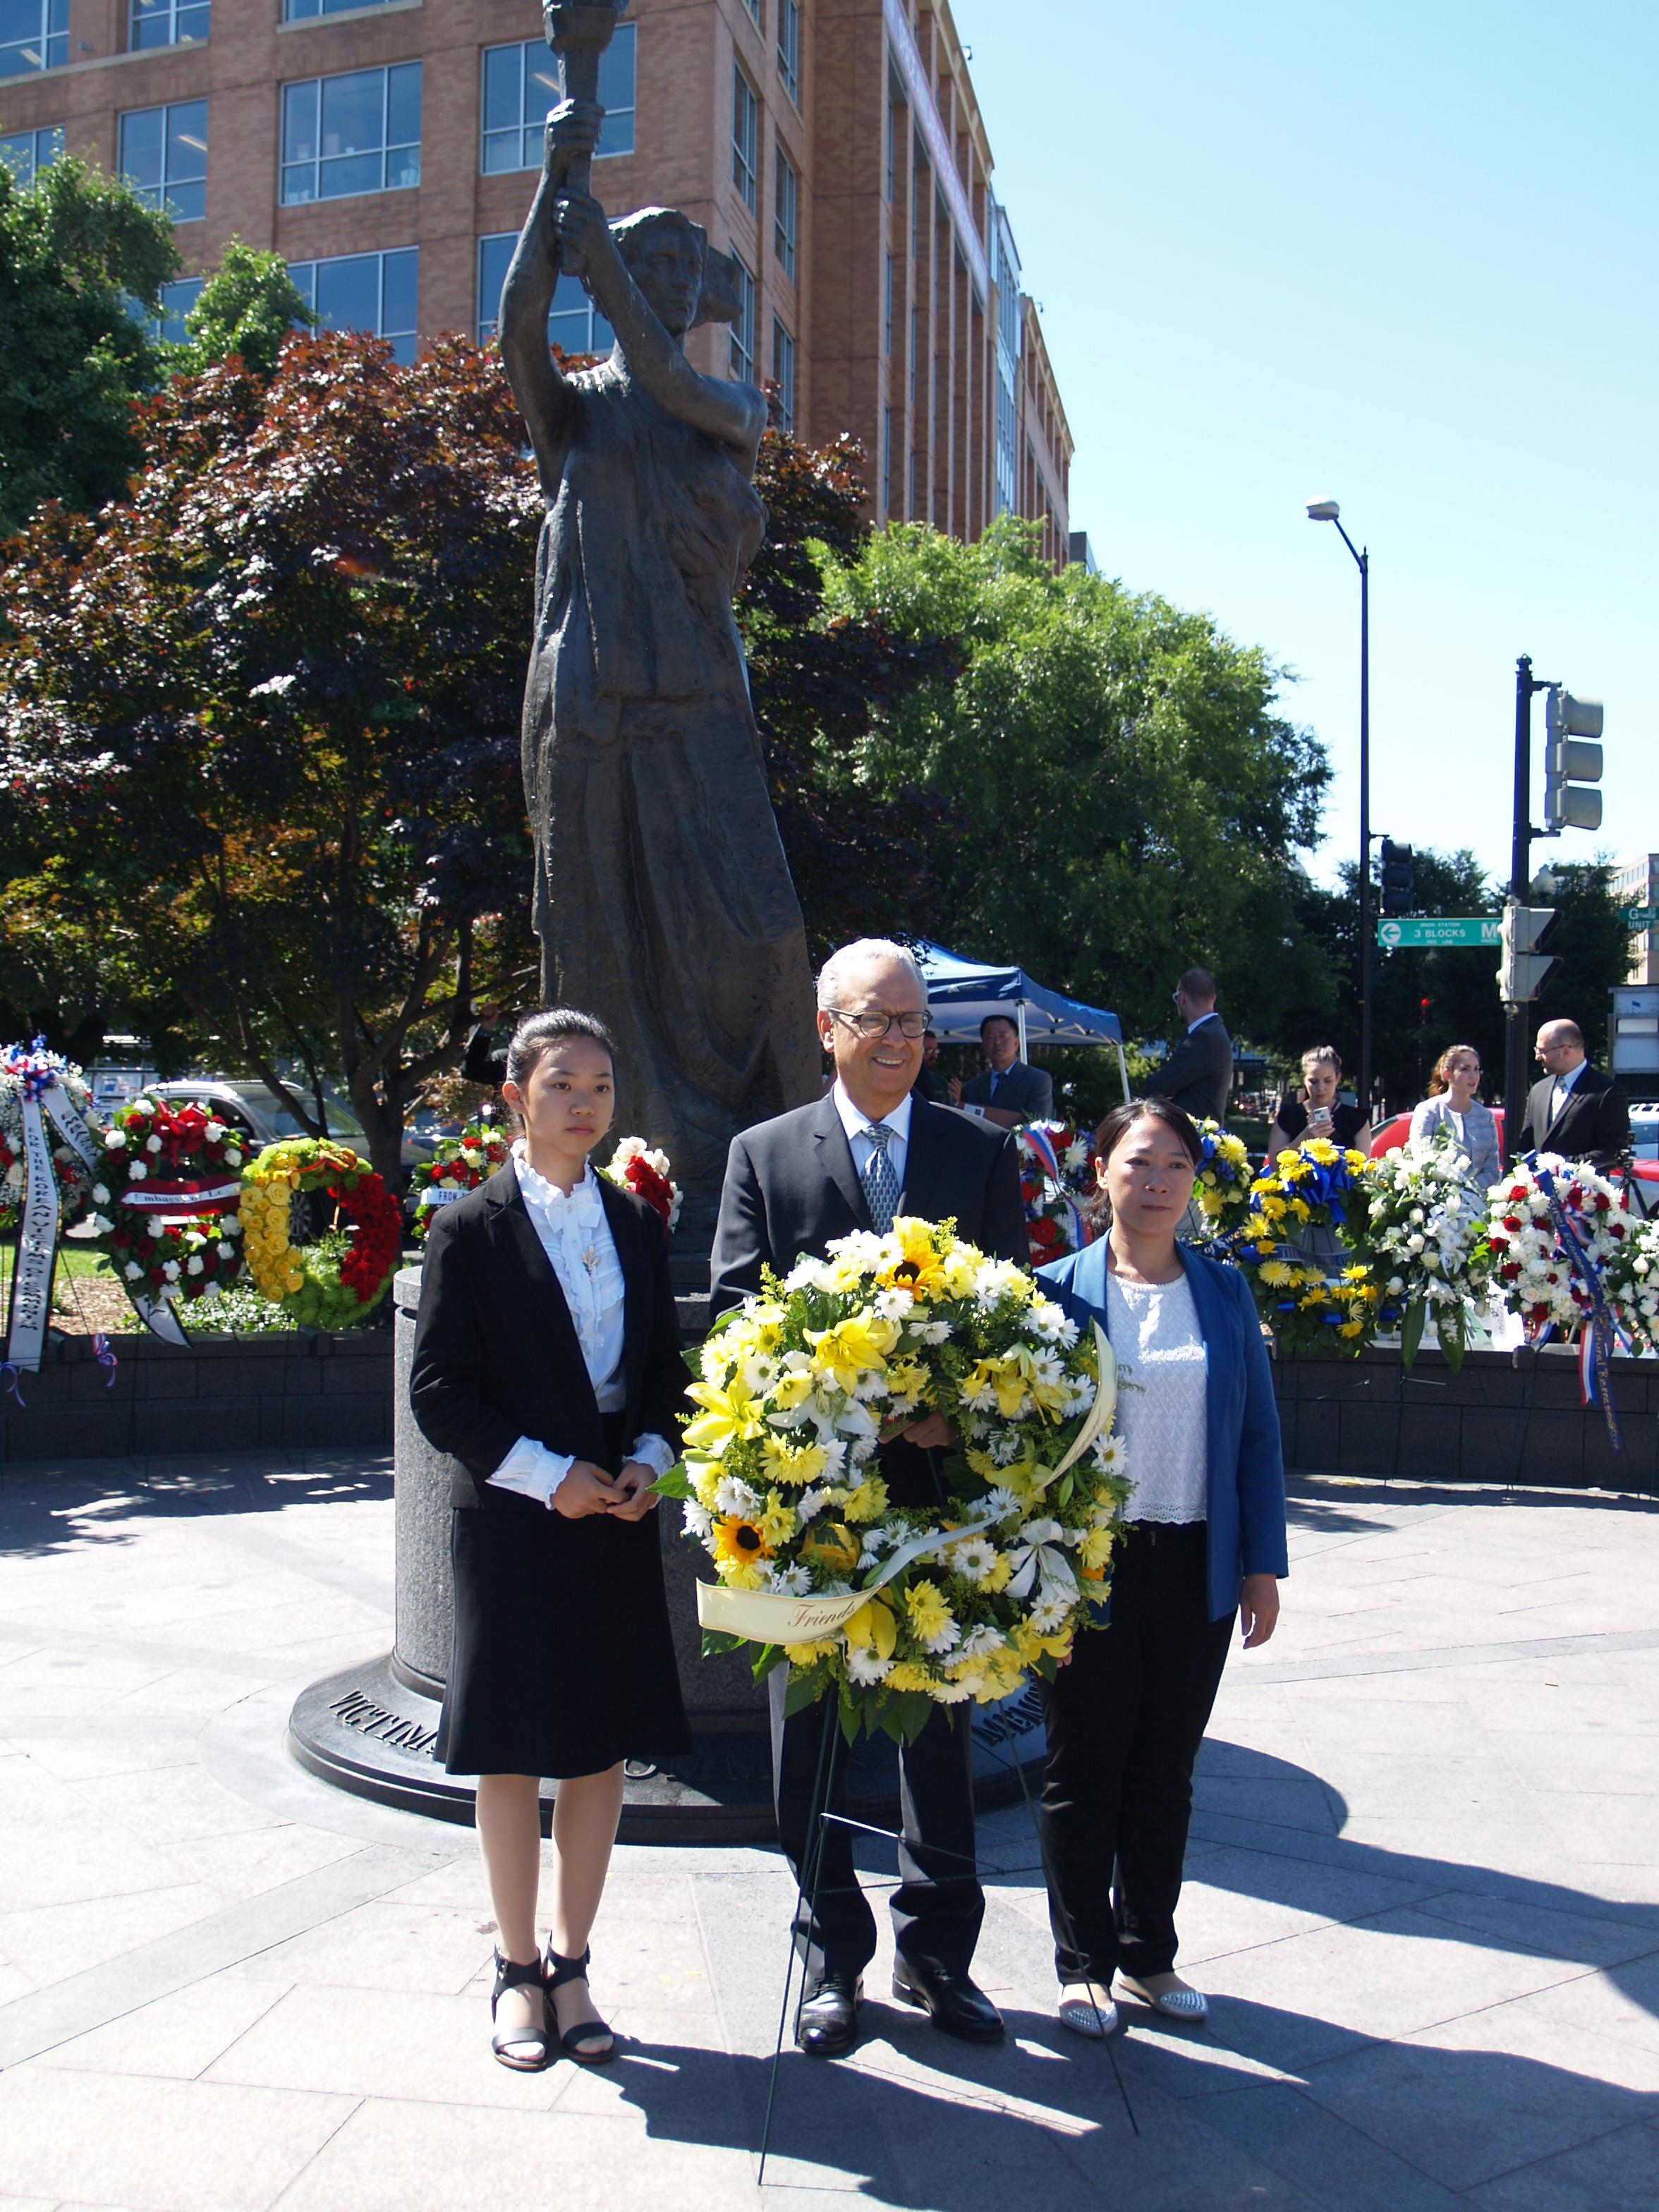 Xu Xinyang (esquerda), Alan Adler e Chi Lihua apresentam uma coroa de flores em memória das vítimas do comunismo na décima cerimônia anual da Medalha da Liberdade Truman-Reagan e da Lista de Chamada das Nações, em 9 de junho em Washington, D.C. Adler é o diretor executivo do Friends of Falun Gong, Xu e Li são praticantes do Falun Gong que sofreram perseguição na China por suas crenças (Kitty Wang/NTDTV)